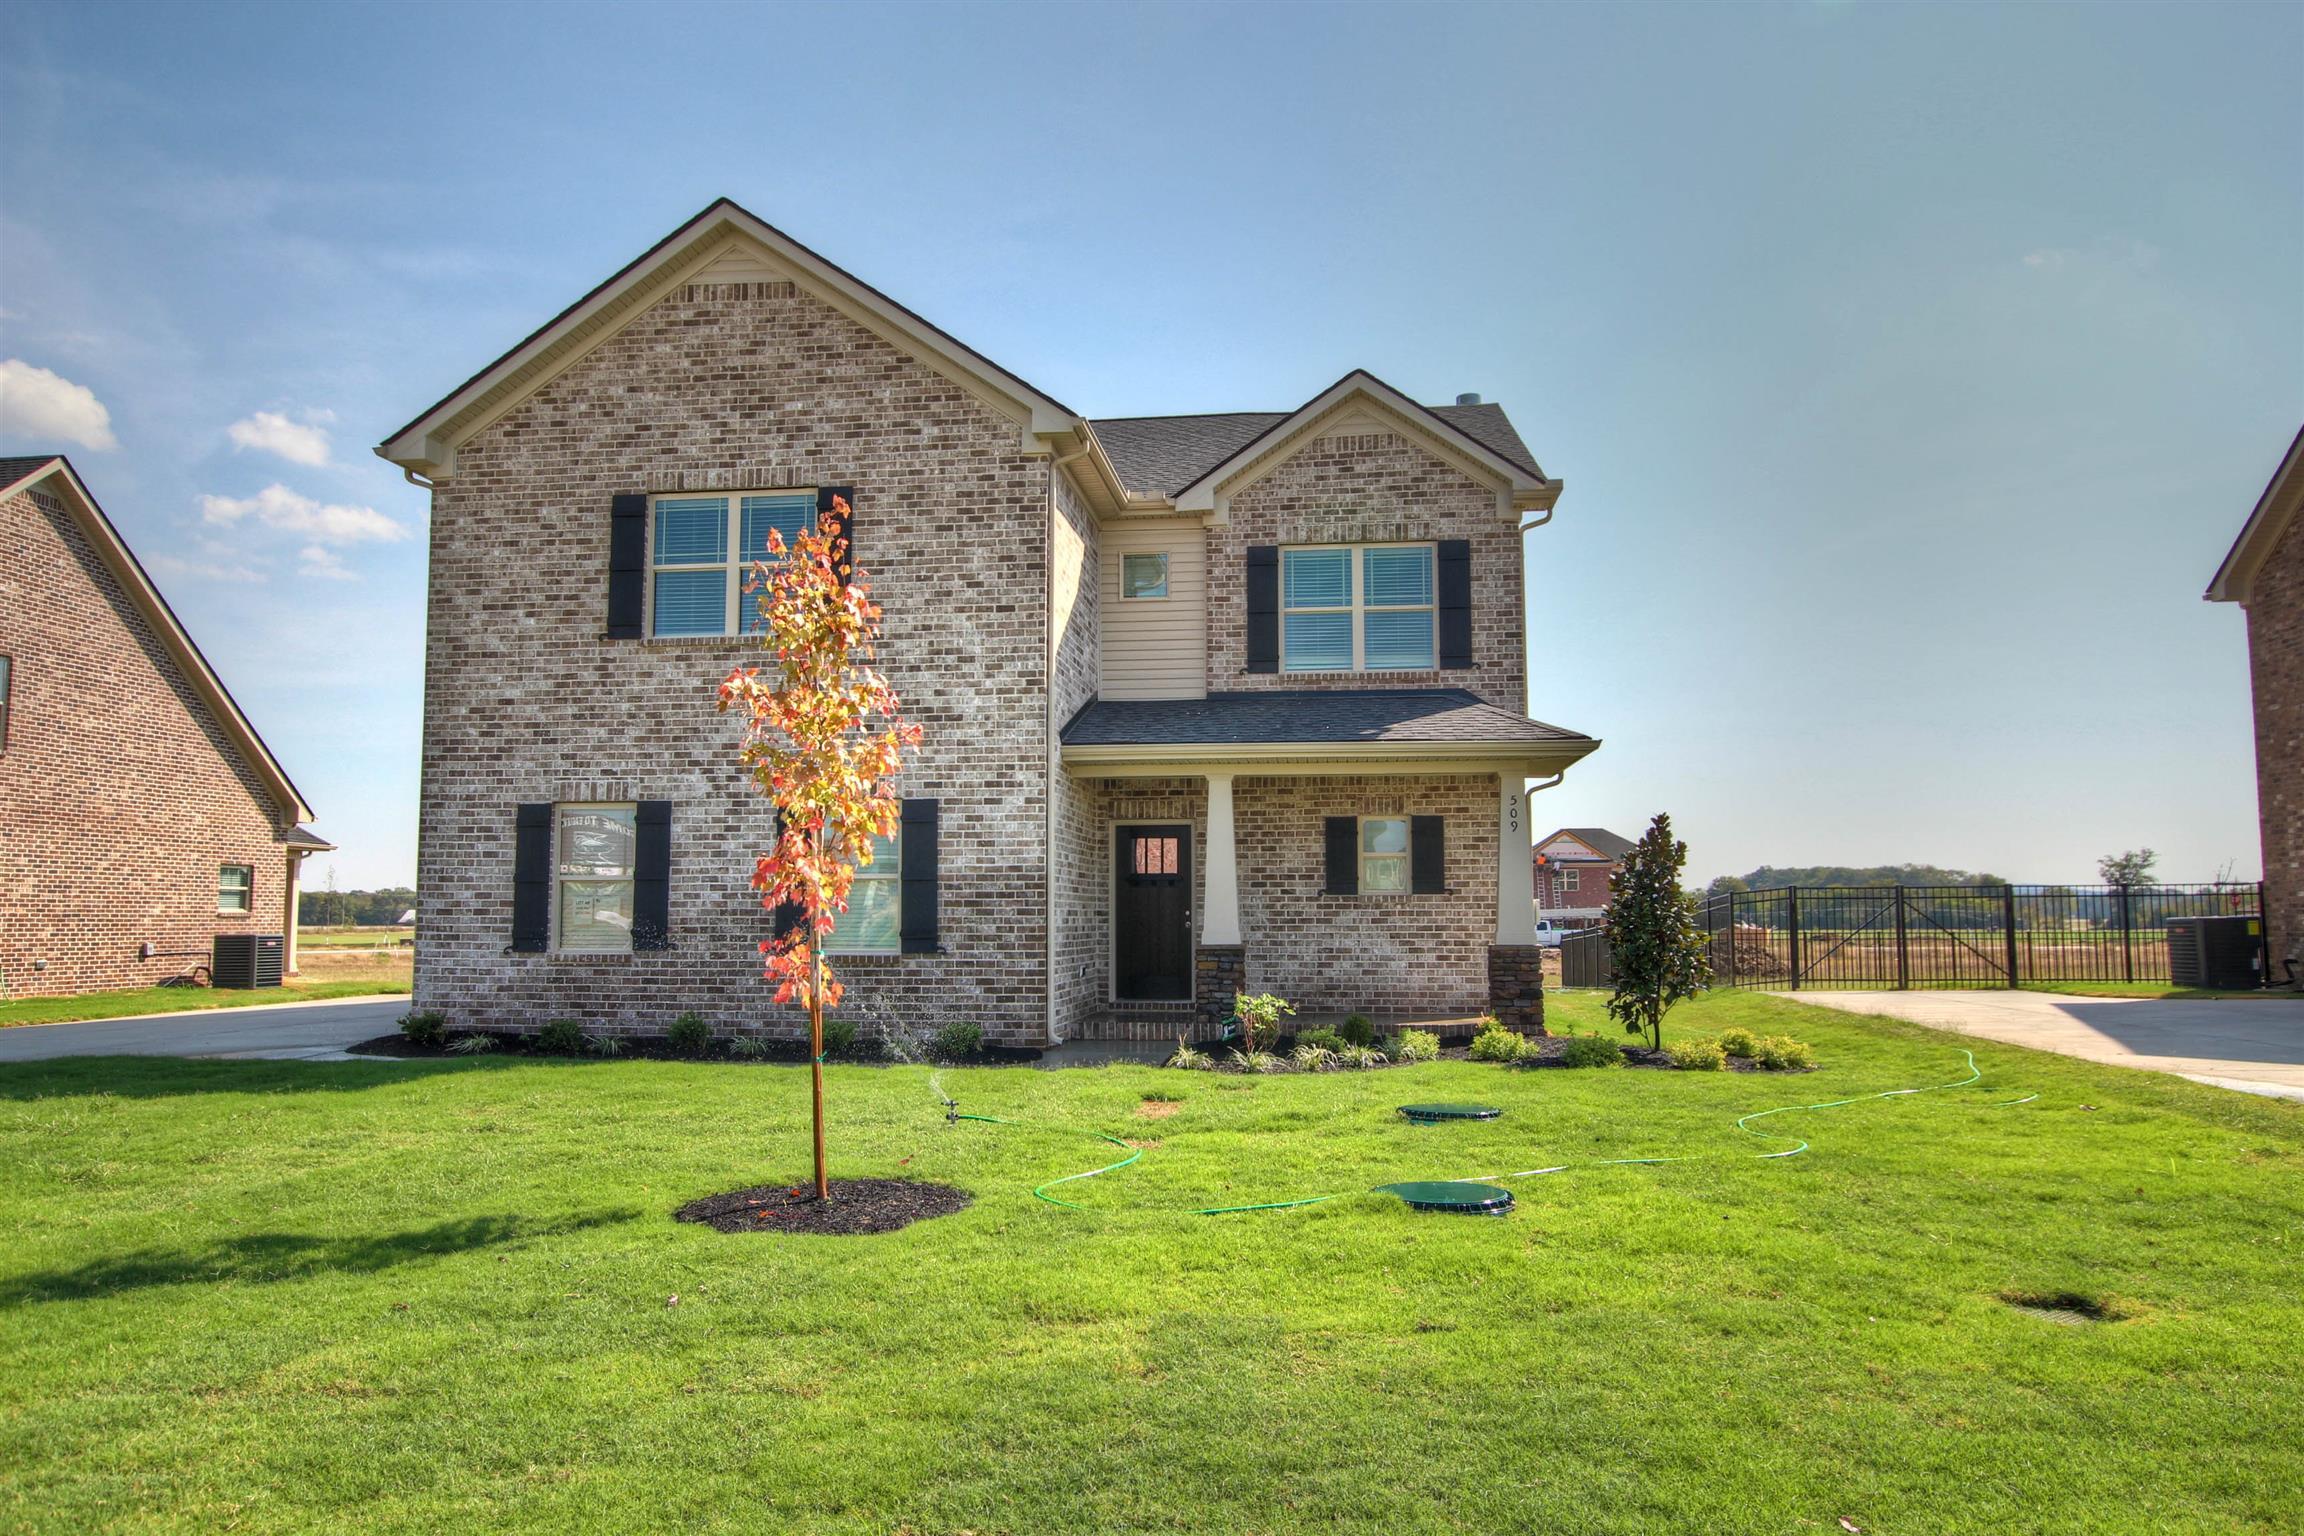 509 Eagle View Dr.- #48, Eagleville, TN 37060 - Eagleville, TN real estate listing